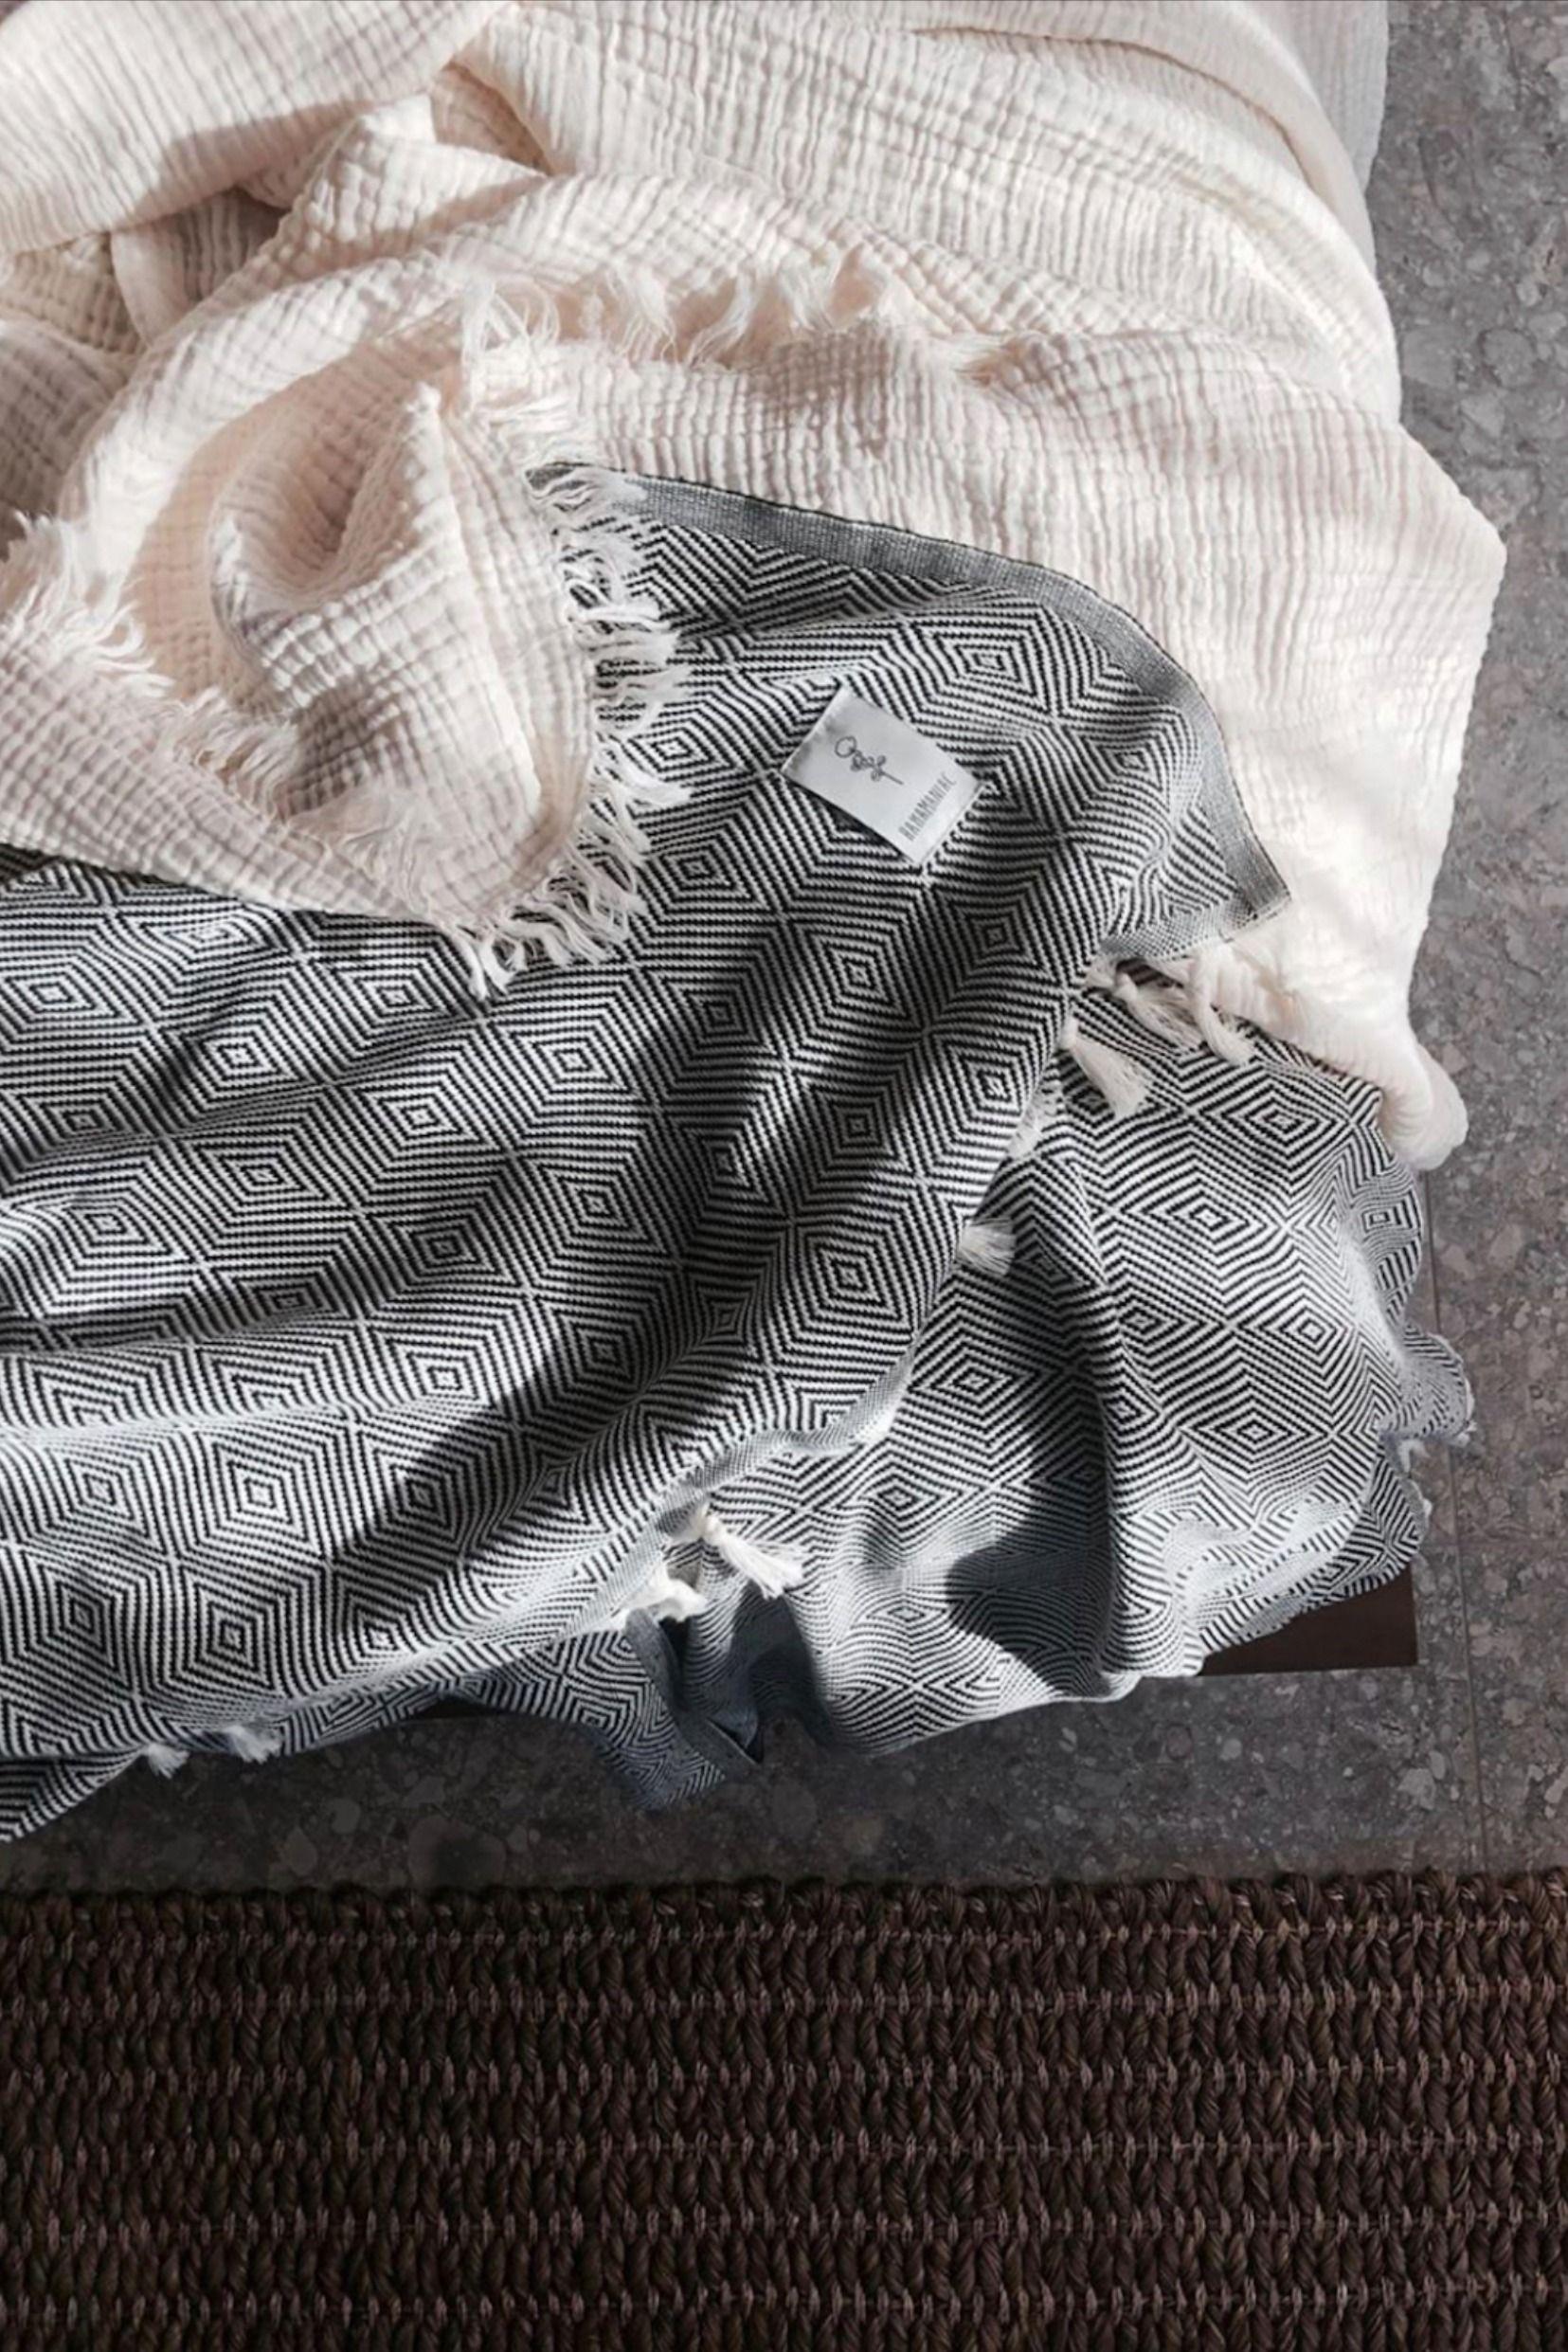 Entdecke schicke Tücher und handgefertigte Decken aus Baumwolle bei Studio Fjer #handmade #wohnaccessoires